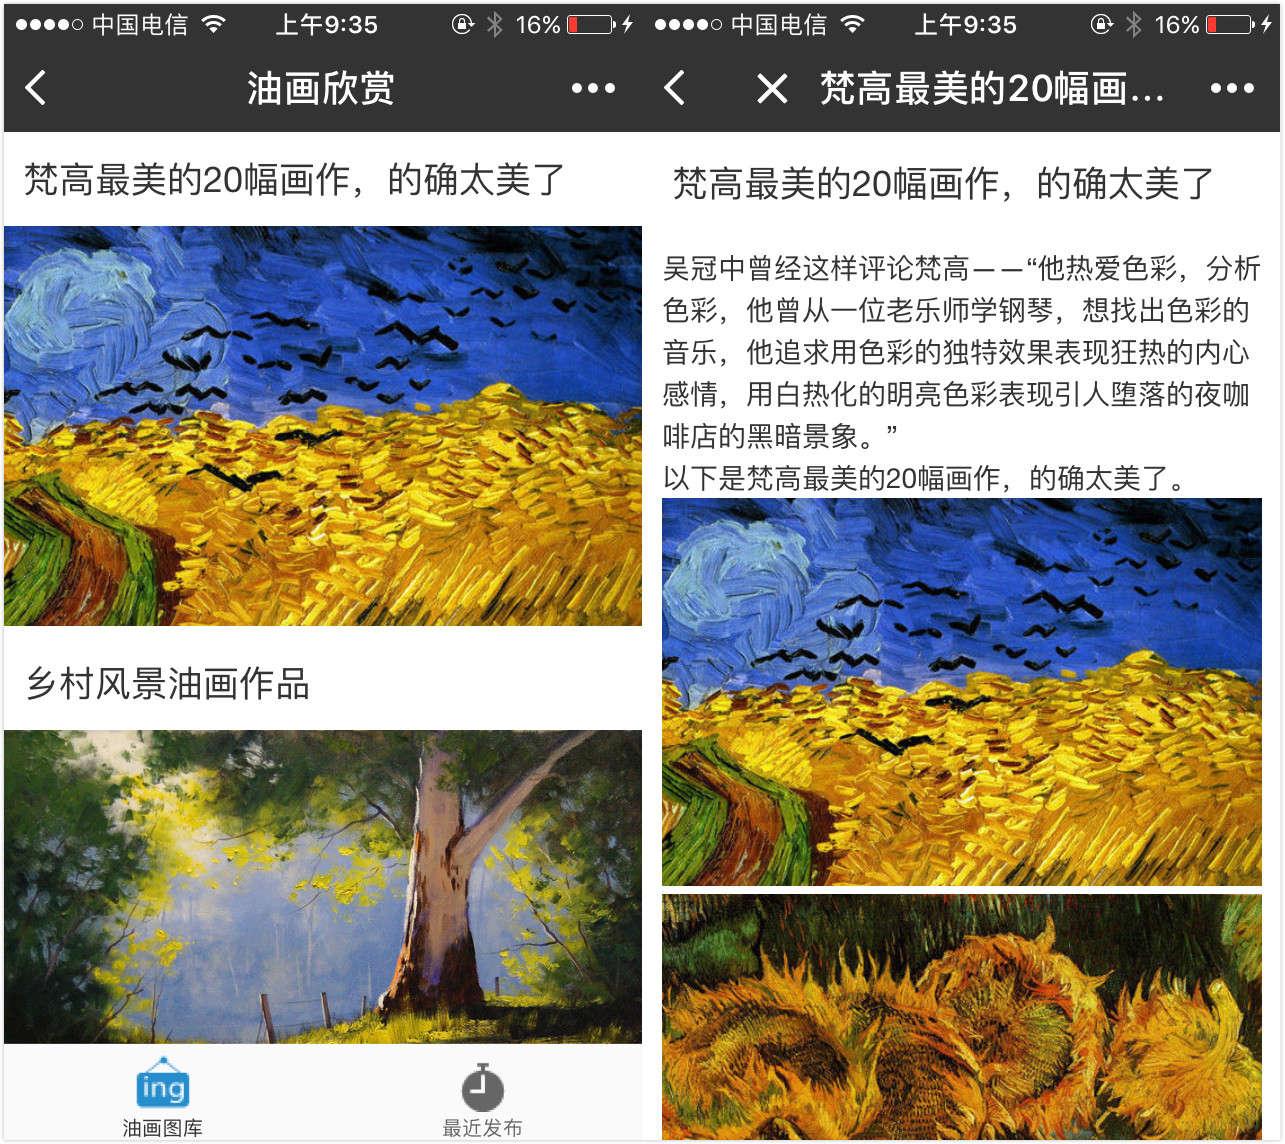 油画欣赏小程序测评